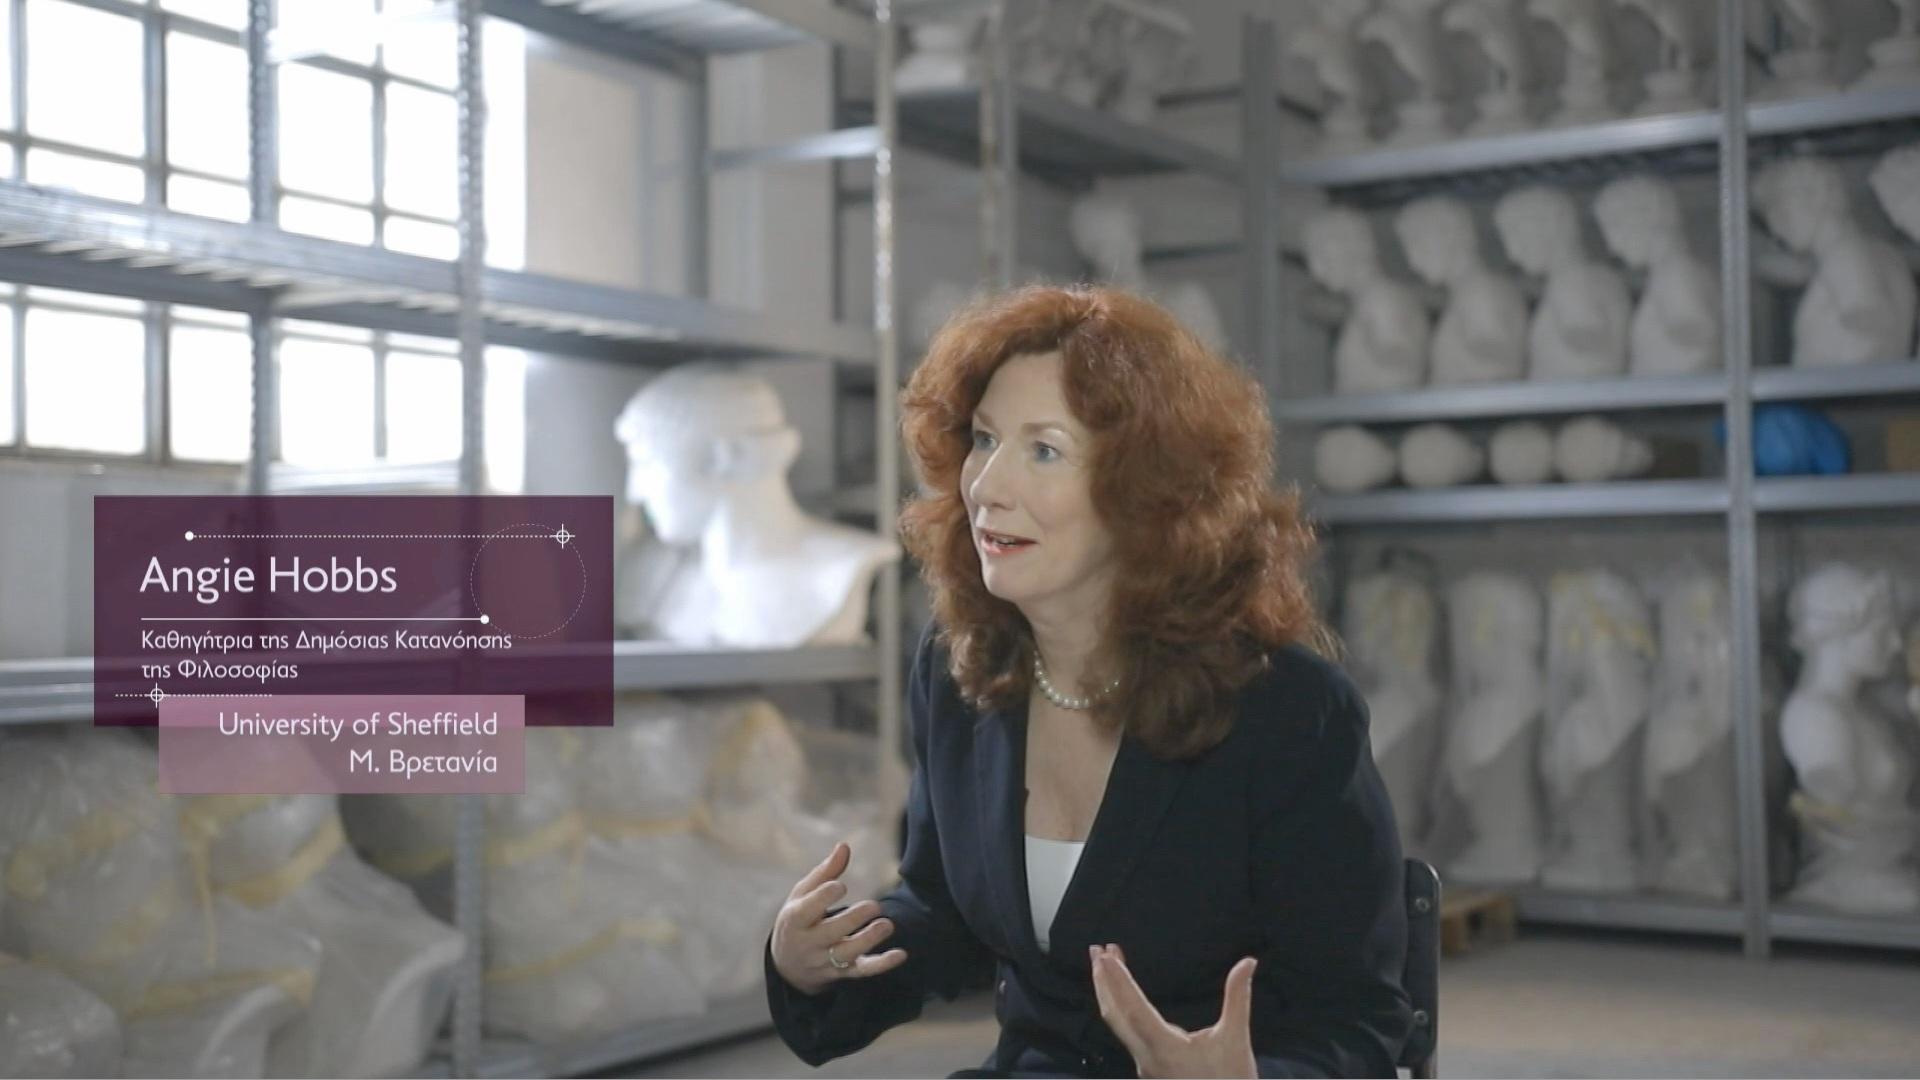 2019+Angie+Hobbs+Cosmote+TV+Ancient+Greek+Philosophers.jpg